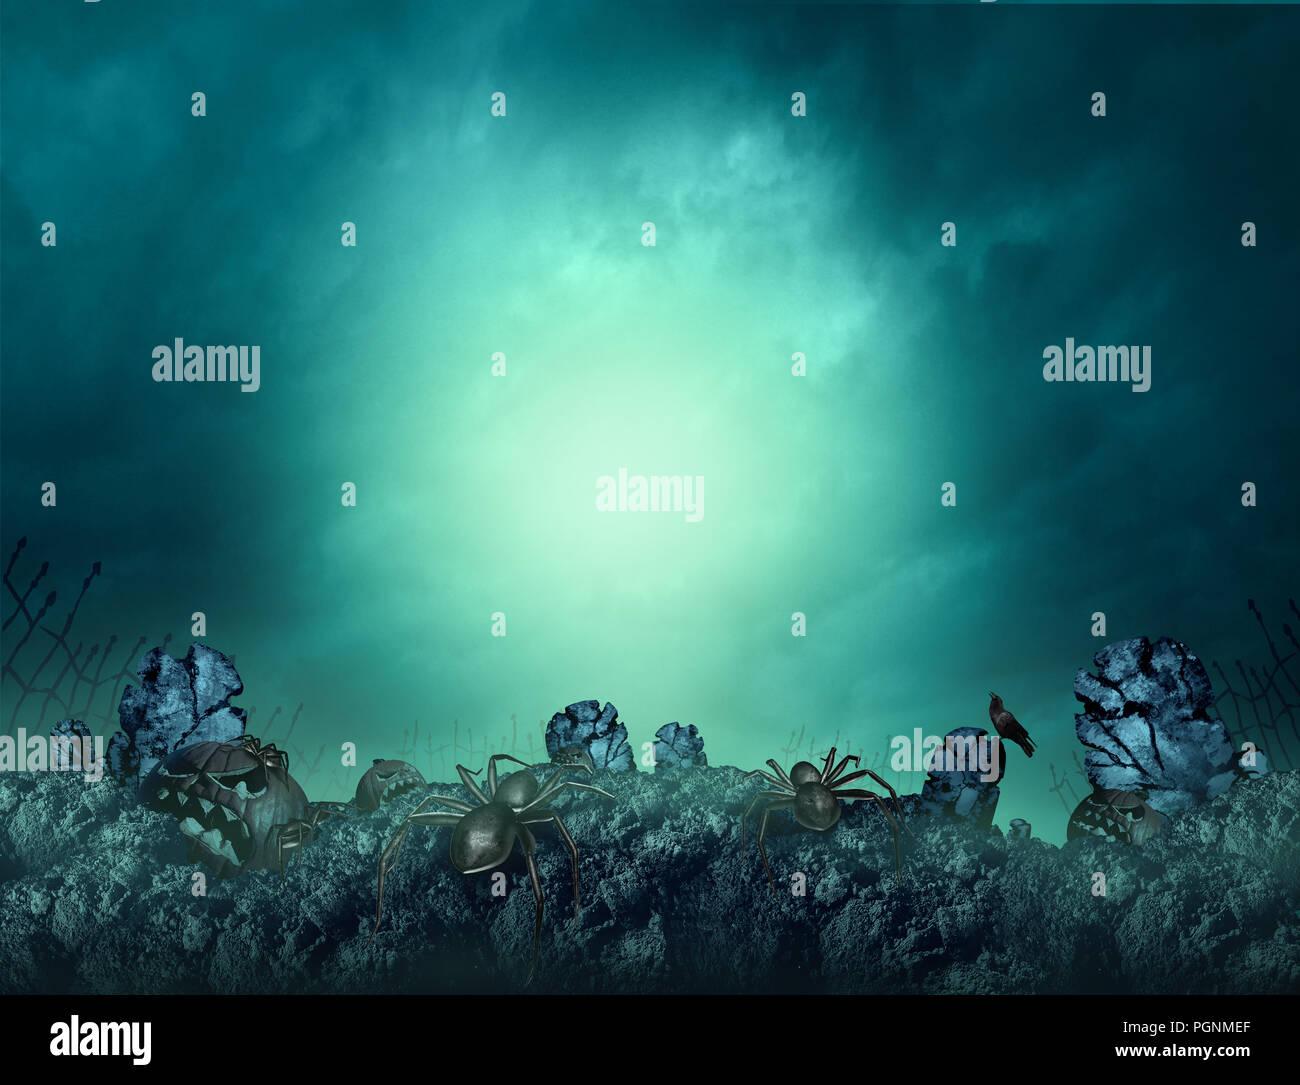 Haunted cimitero e spettrali cimiteri Scary Halloween e creepy incandescente sfondo con copyspace per testo con 3D'illustrazione degli elementi. Immagini Stock